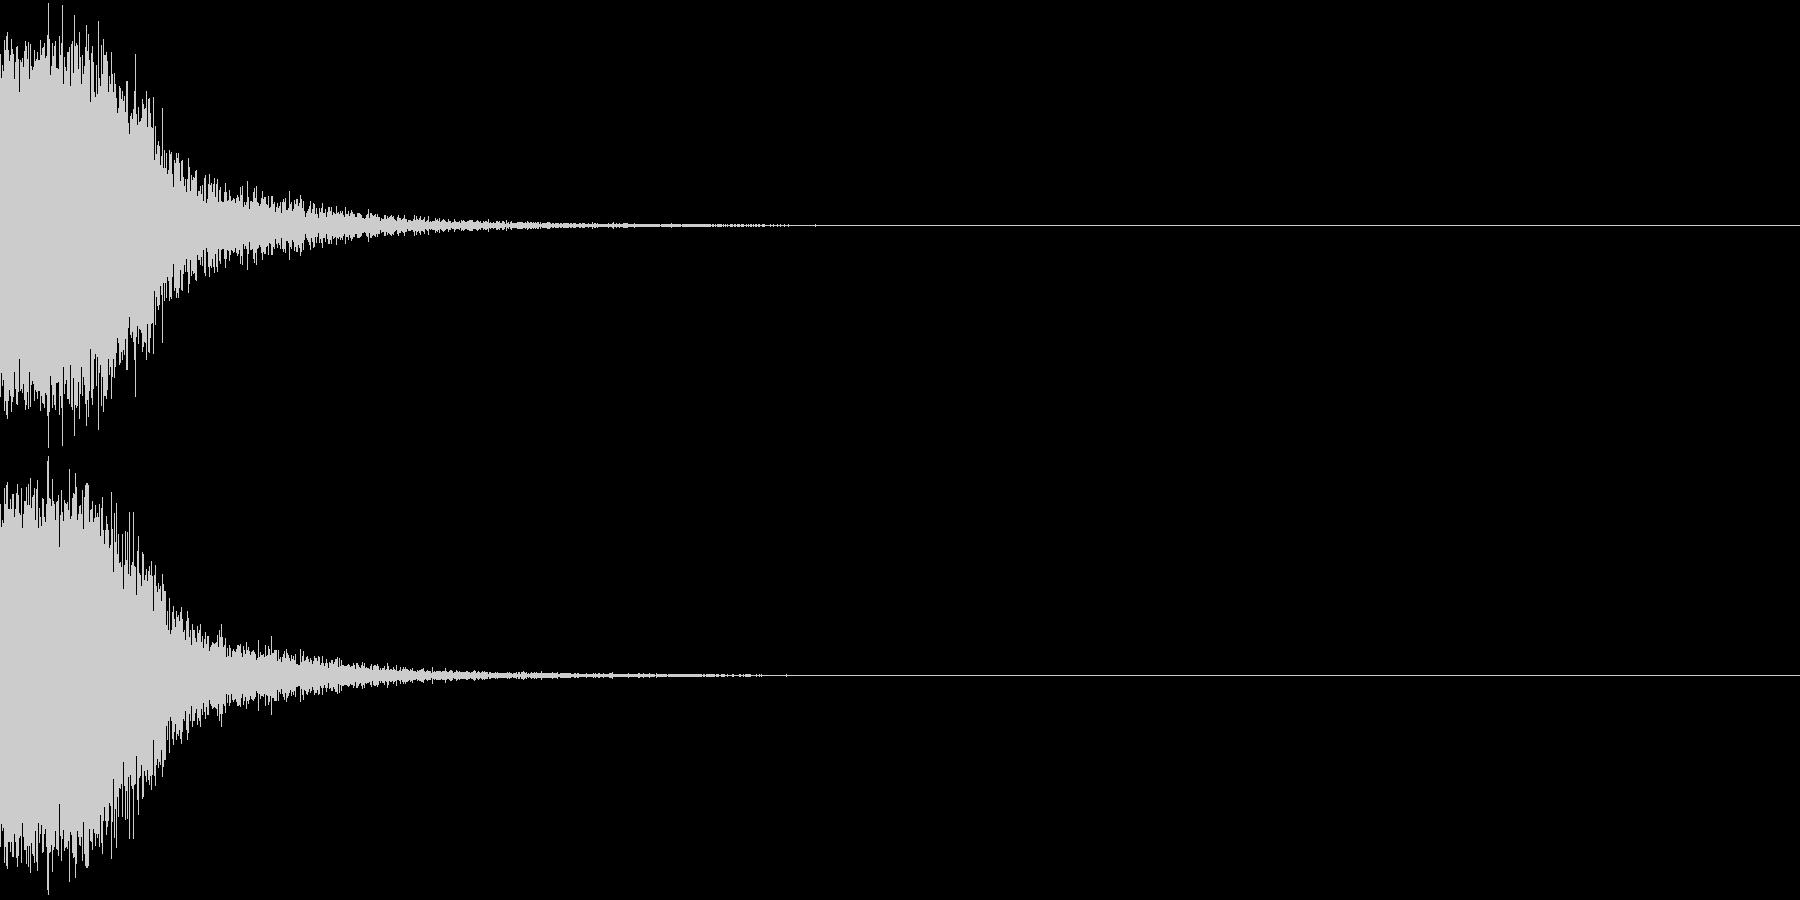 KAKUGE 格闘ゲーム戦闘音 49の未再生の波形